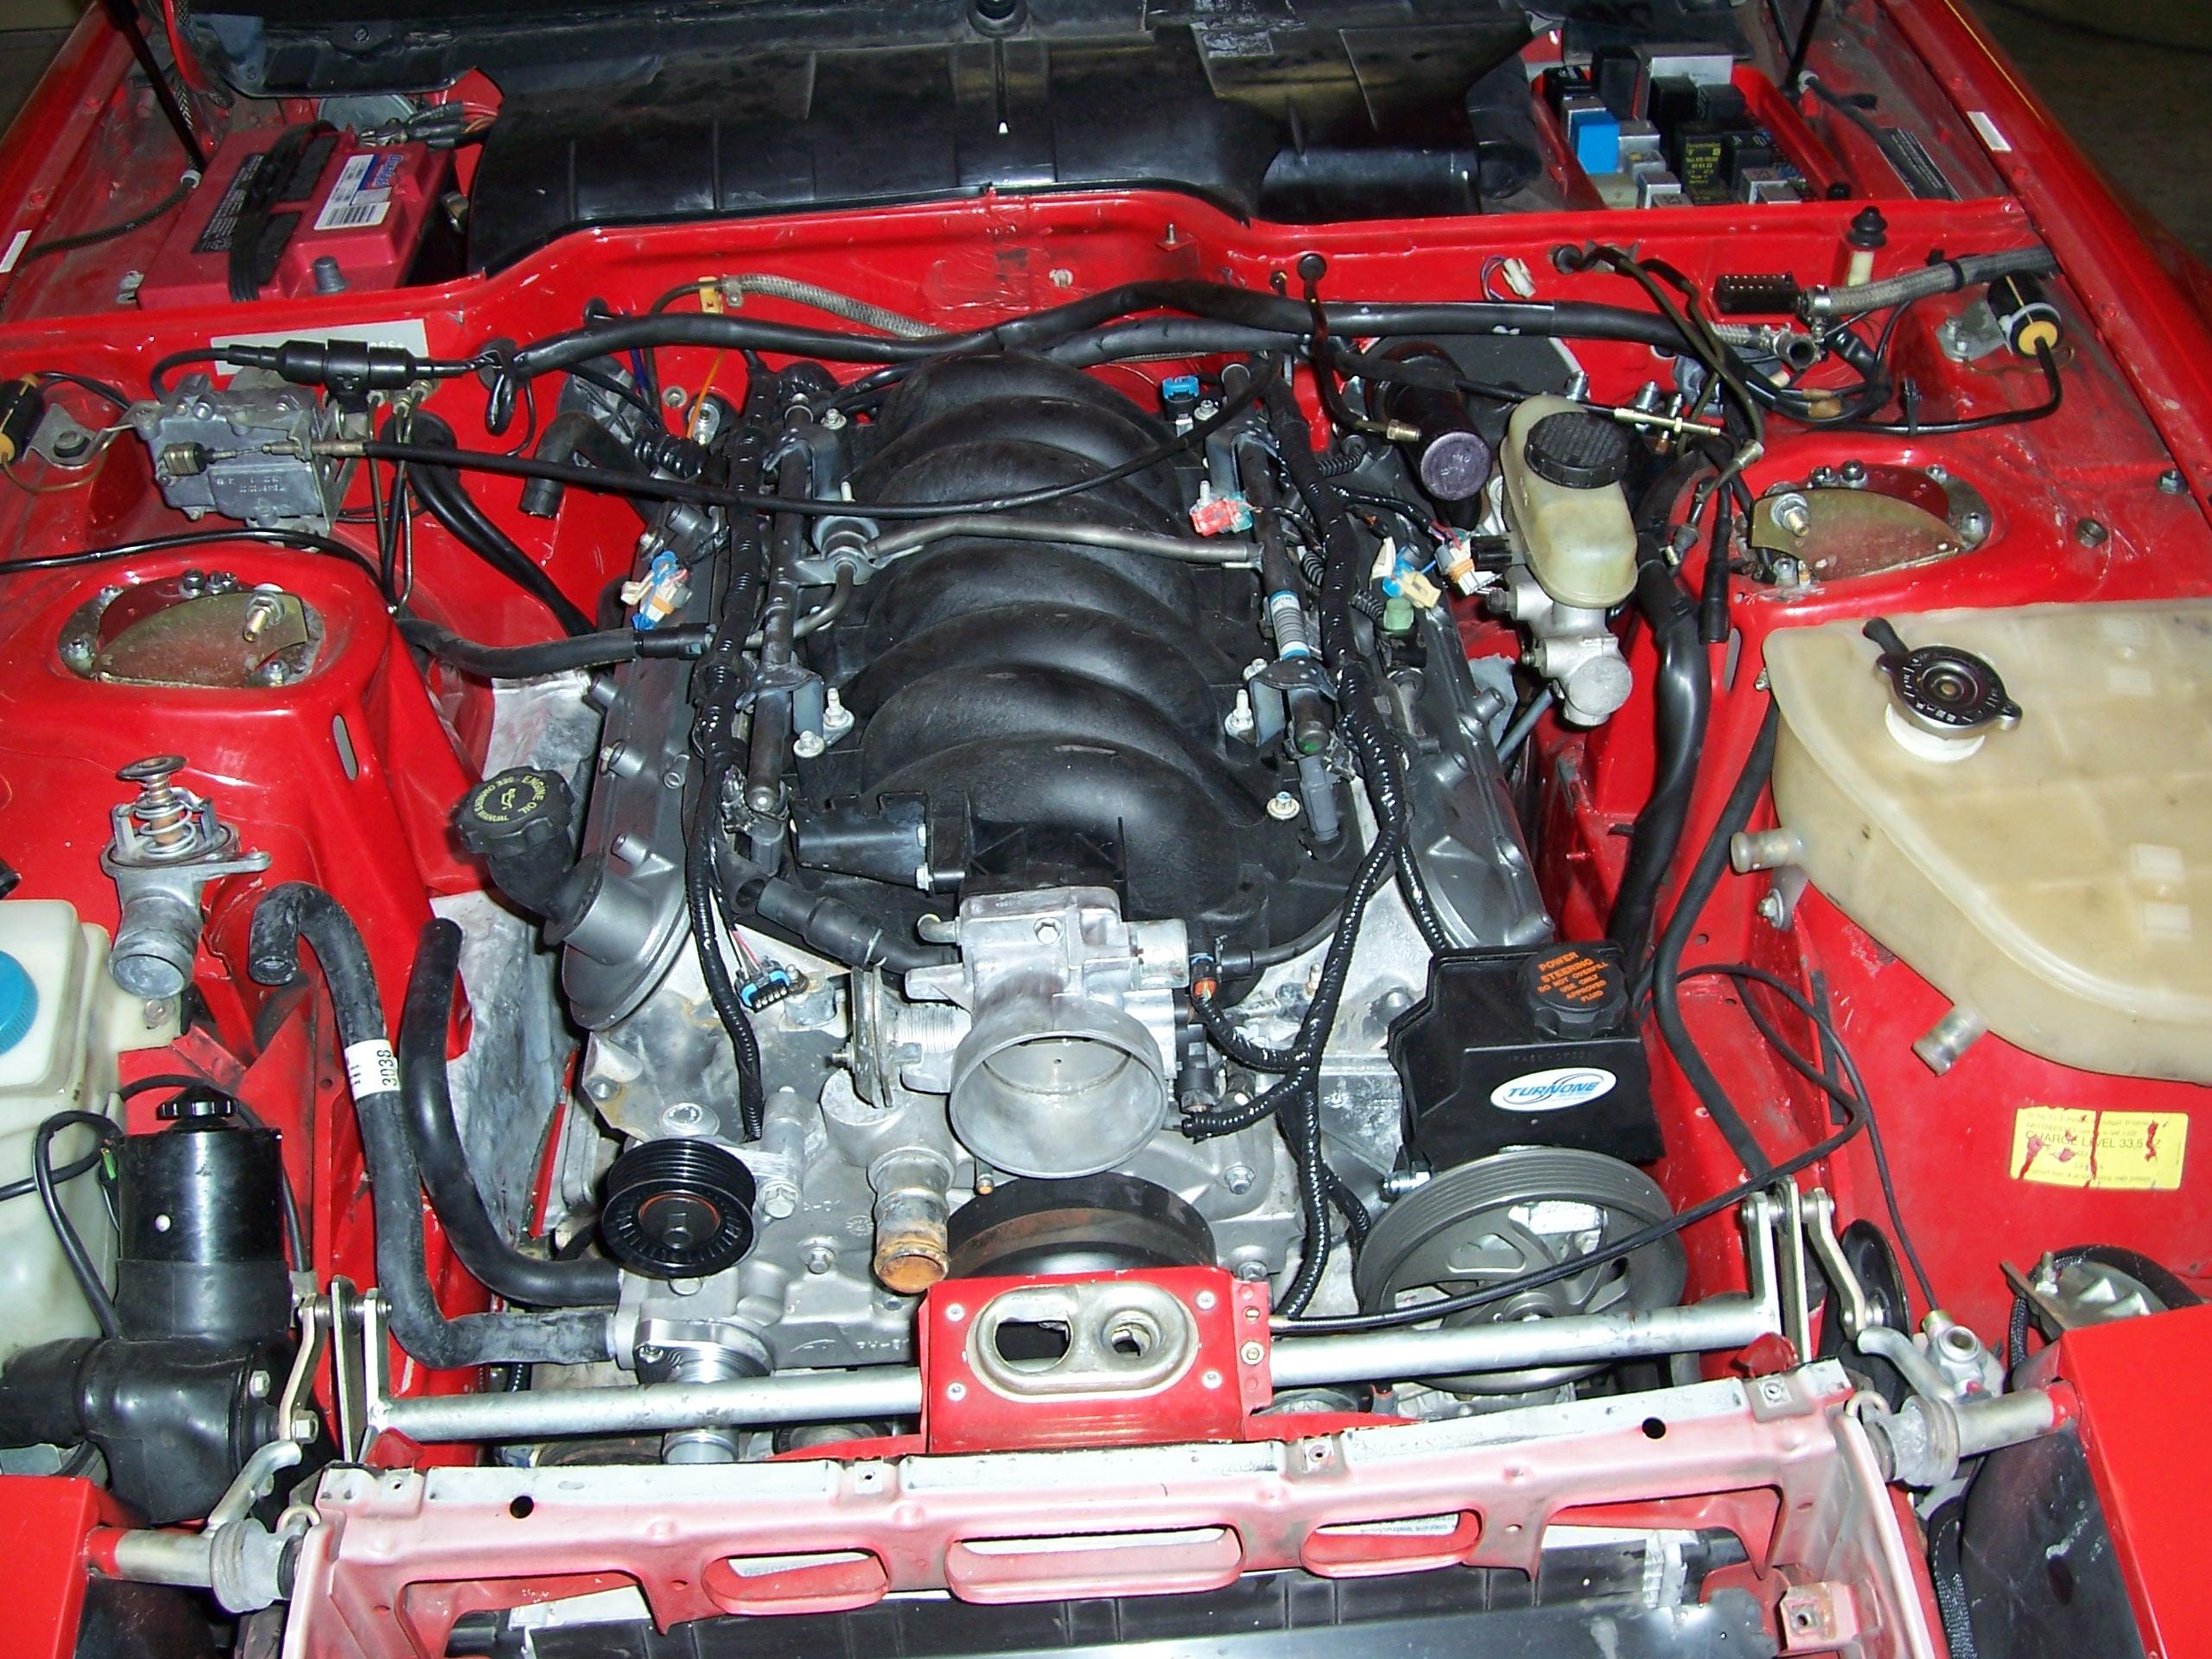 Docwyte U0026 39 S Porsche Ls1 944 Turbo  Readers Rides